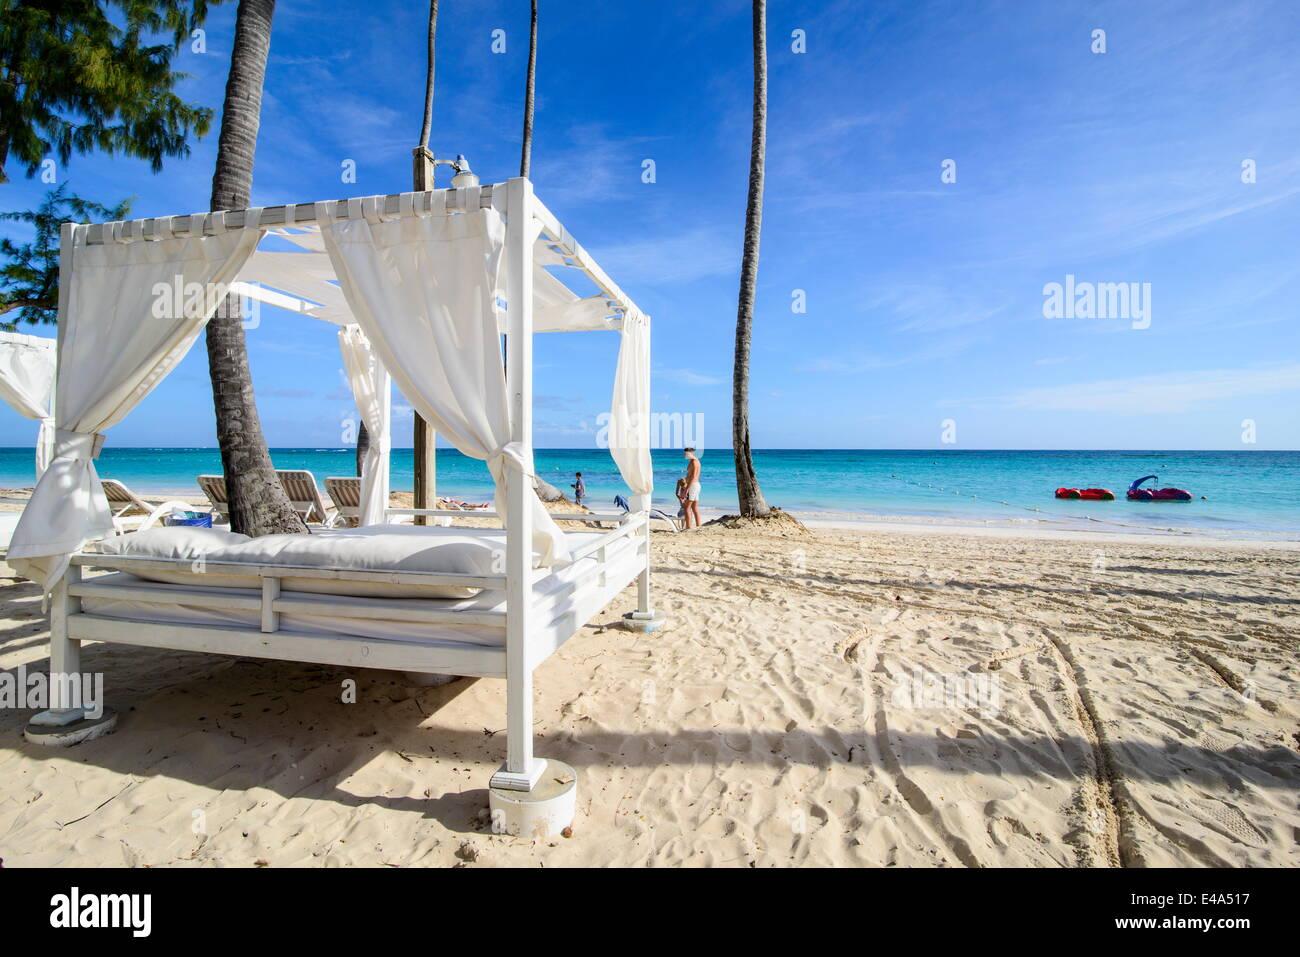 Lit à baldaquin sur la plage de Bavaro, Punta Cana, République dominicaine, Antilles, Caraïbes, Amérique Photo Stock